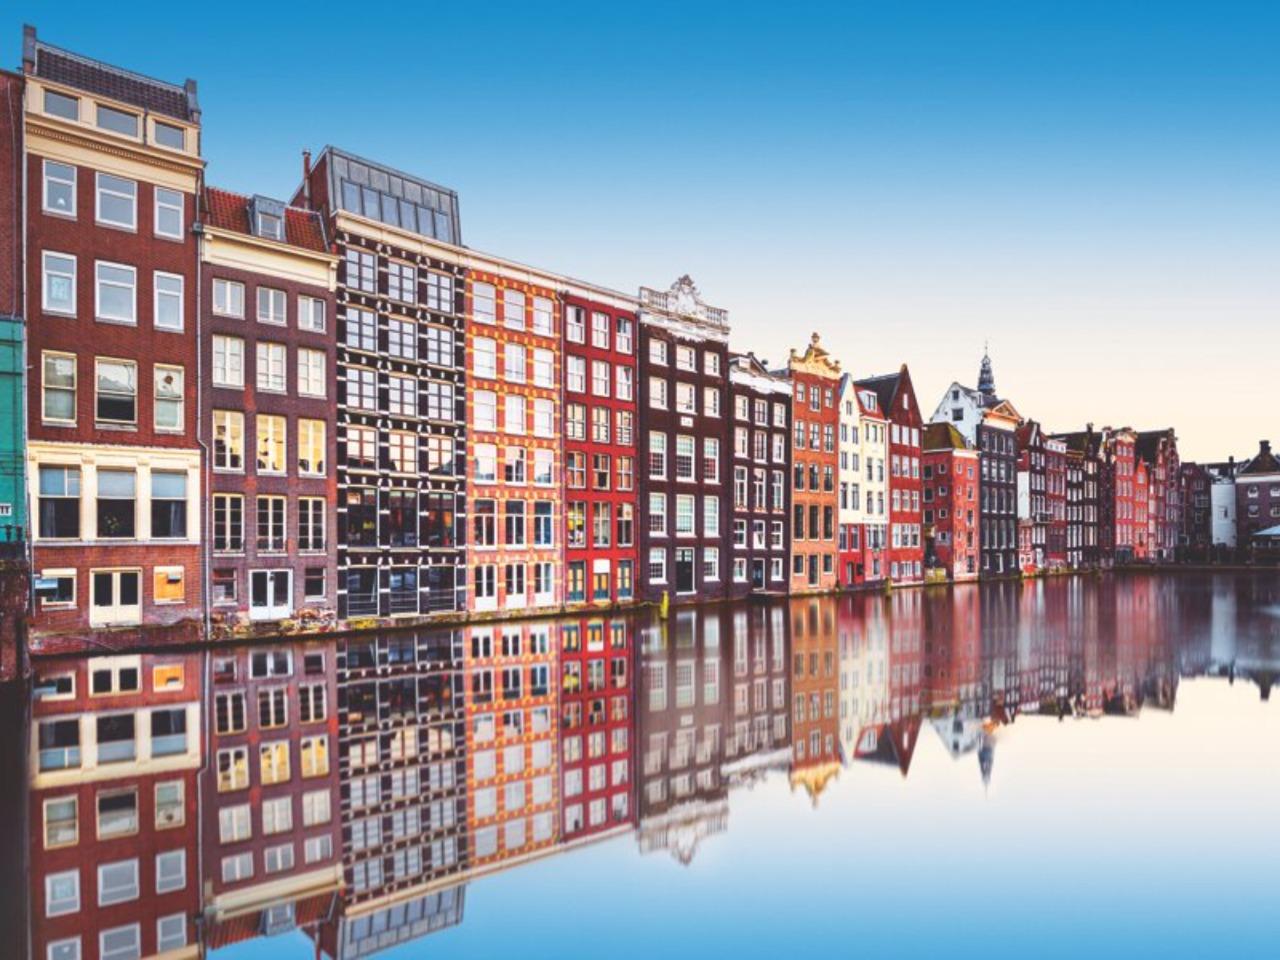 Обзорная по Амстердаму в 15:15. Красный маршрут - групповая экскурсия в Амстердаме от опытного гида